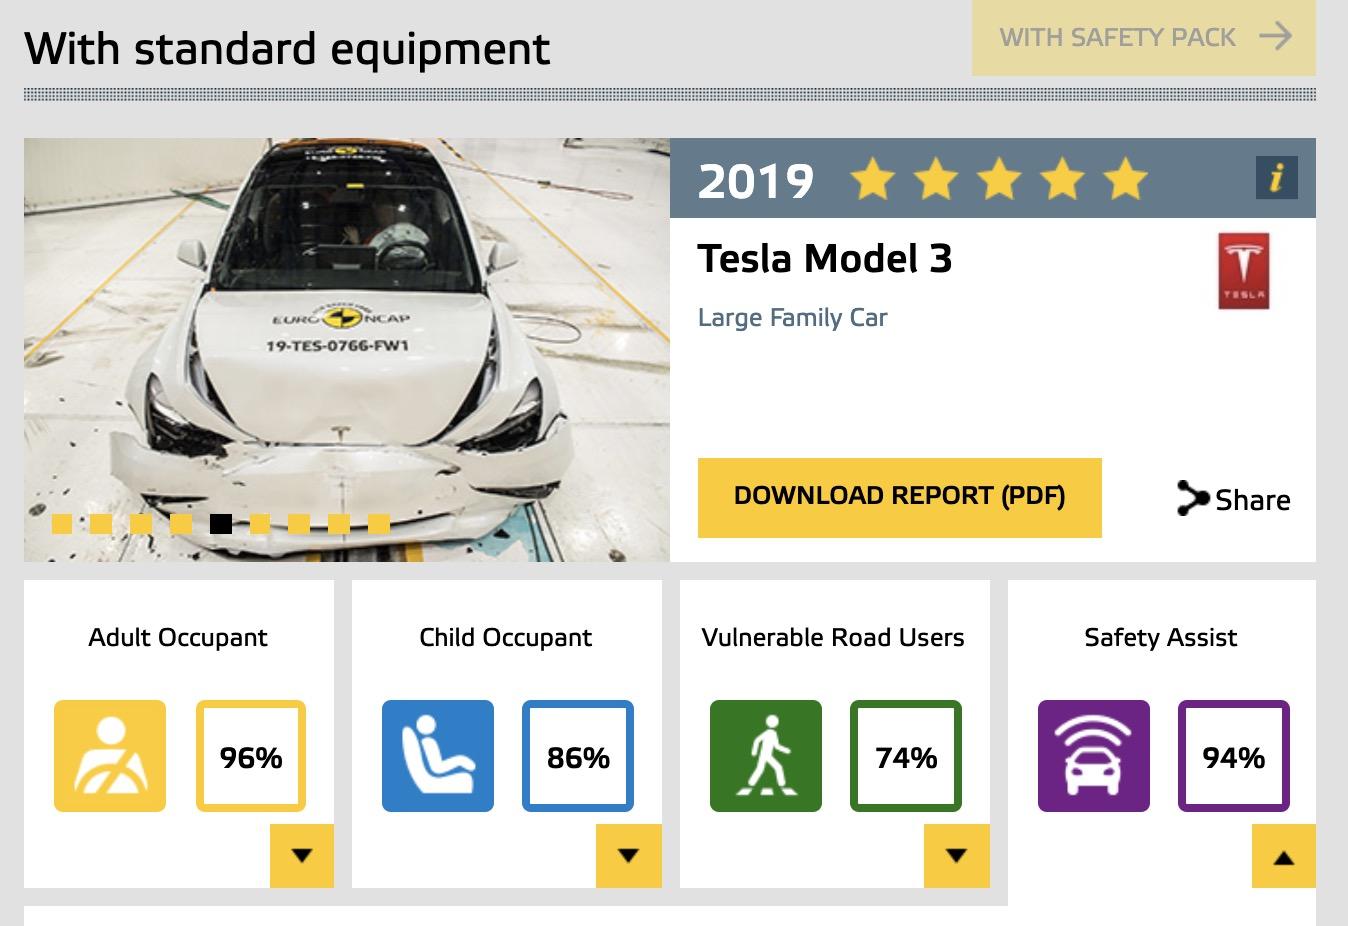 tesla model 3 safety rating